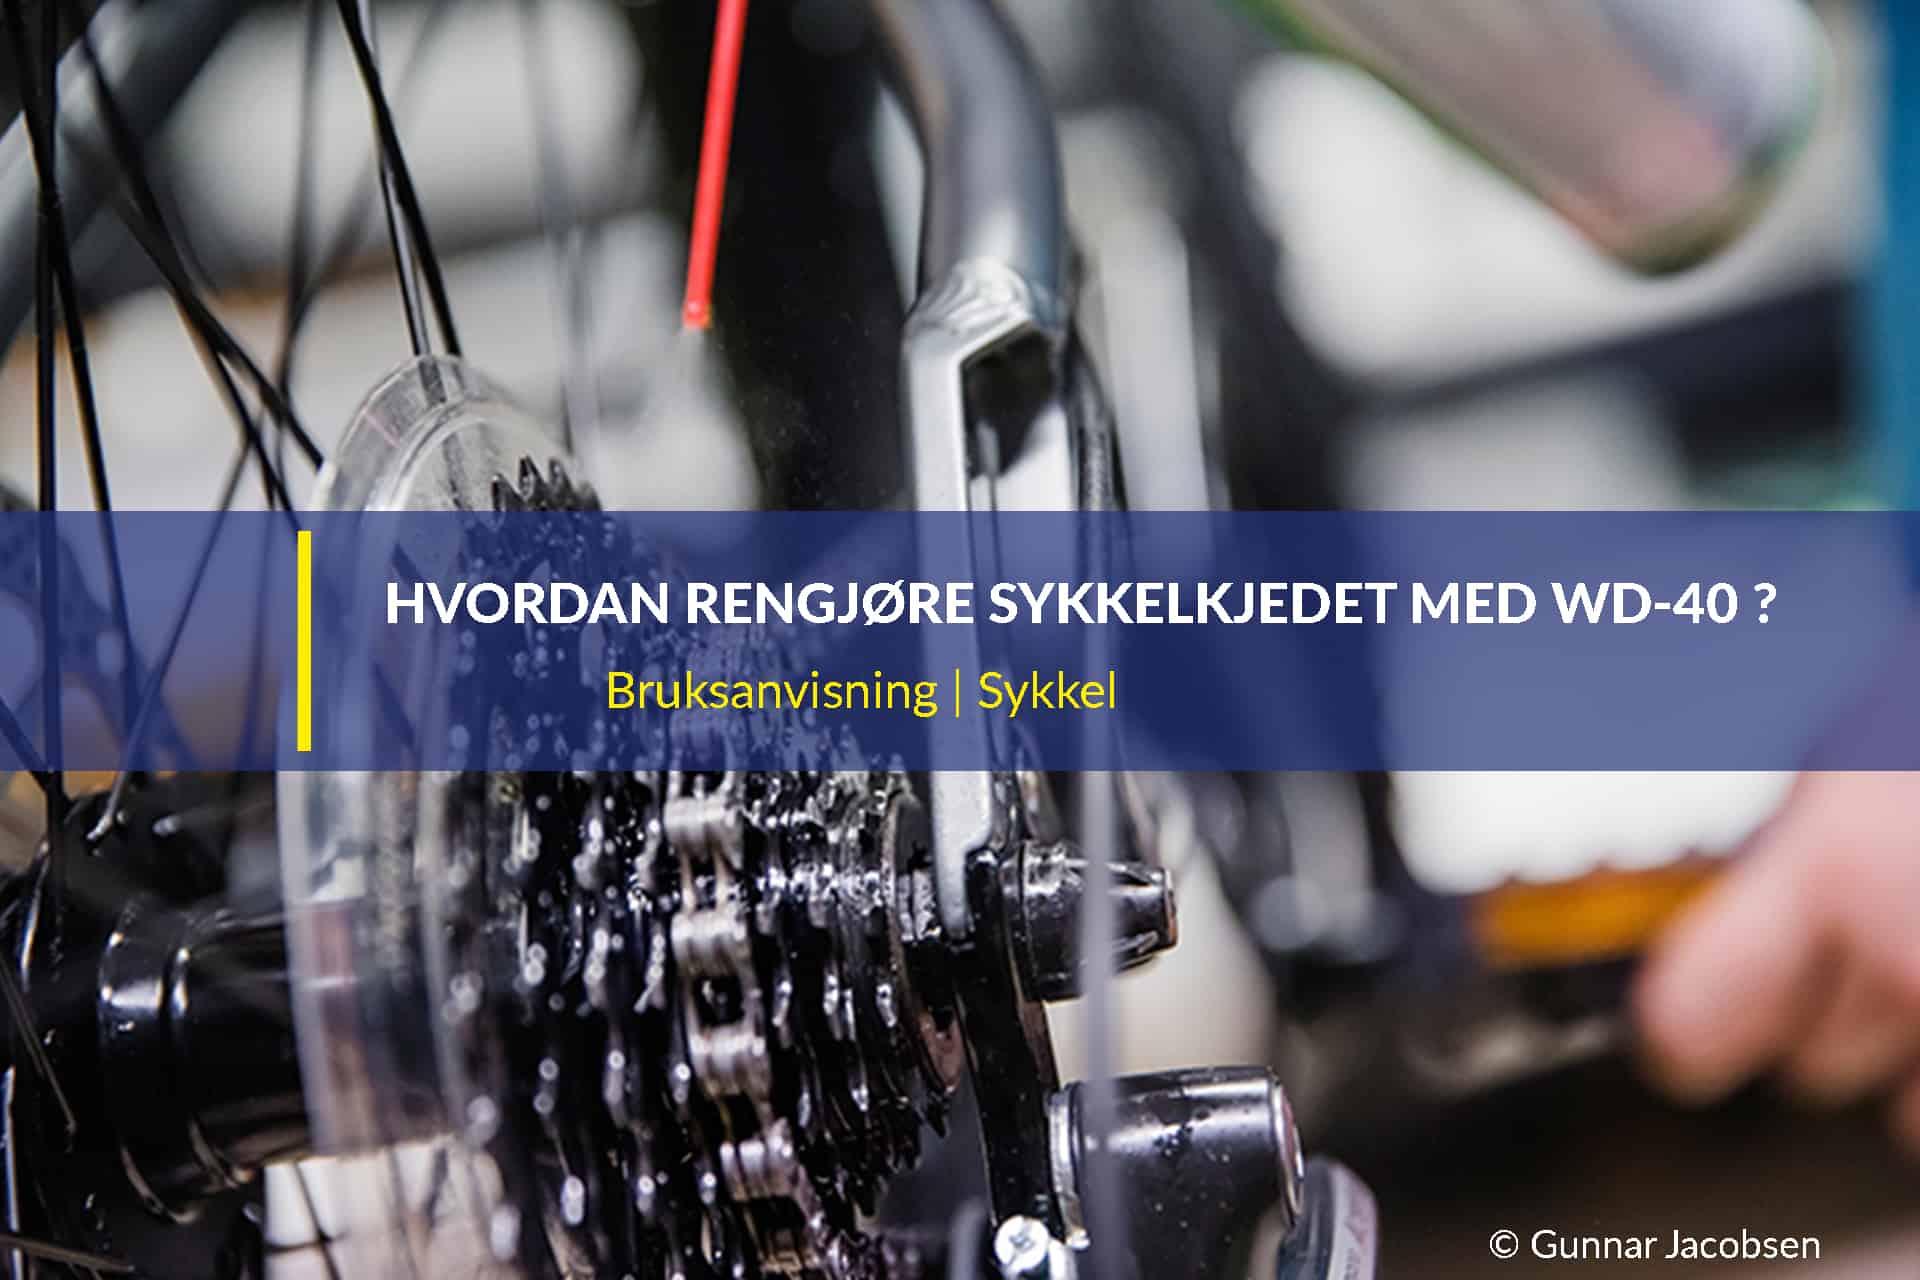 hvordan rengjøre sykkelkjedet med wd 40